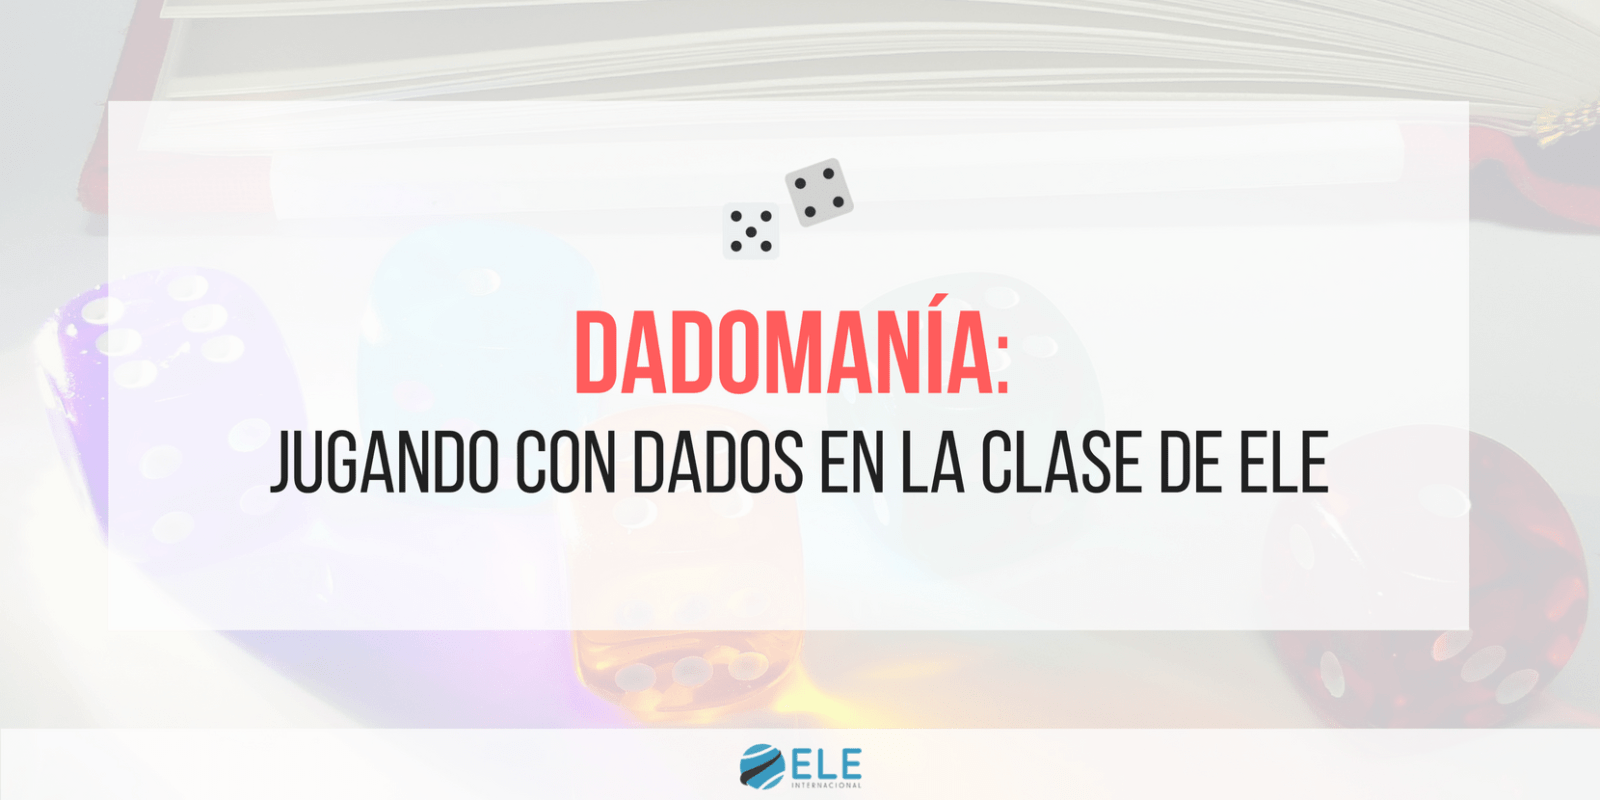 Juegos de mesa para clase de idiomas. Juegos para clase de ELE. Juegos con dados en clase de español. #spanishteacher #claustrodeig #teachmorespanish #profedeele